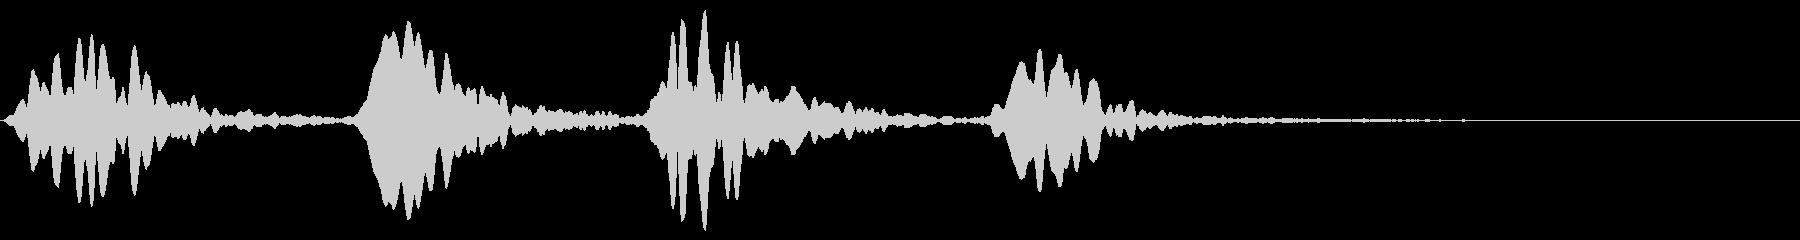 ソナー:リバーブ、SCI FIスペ...の未再生の波形